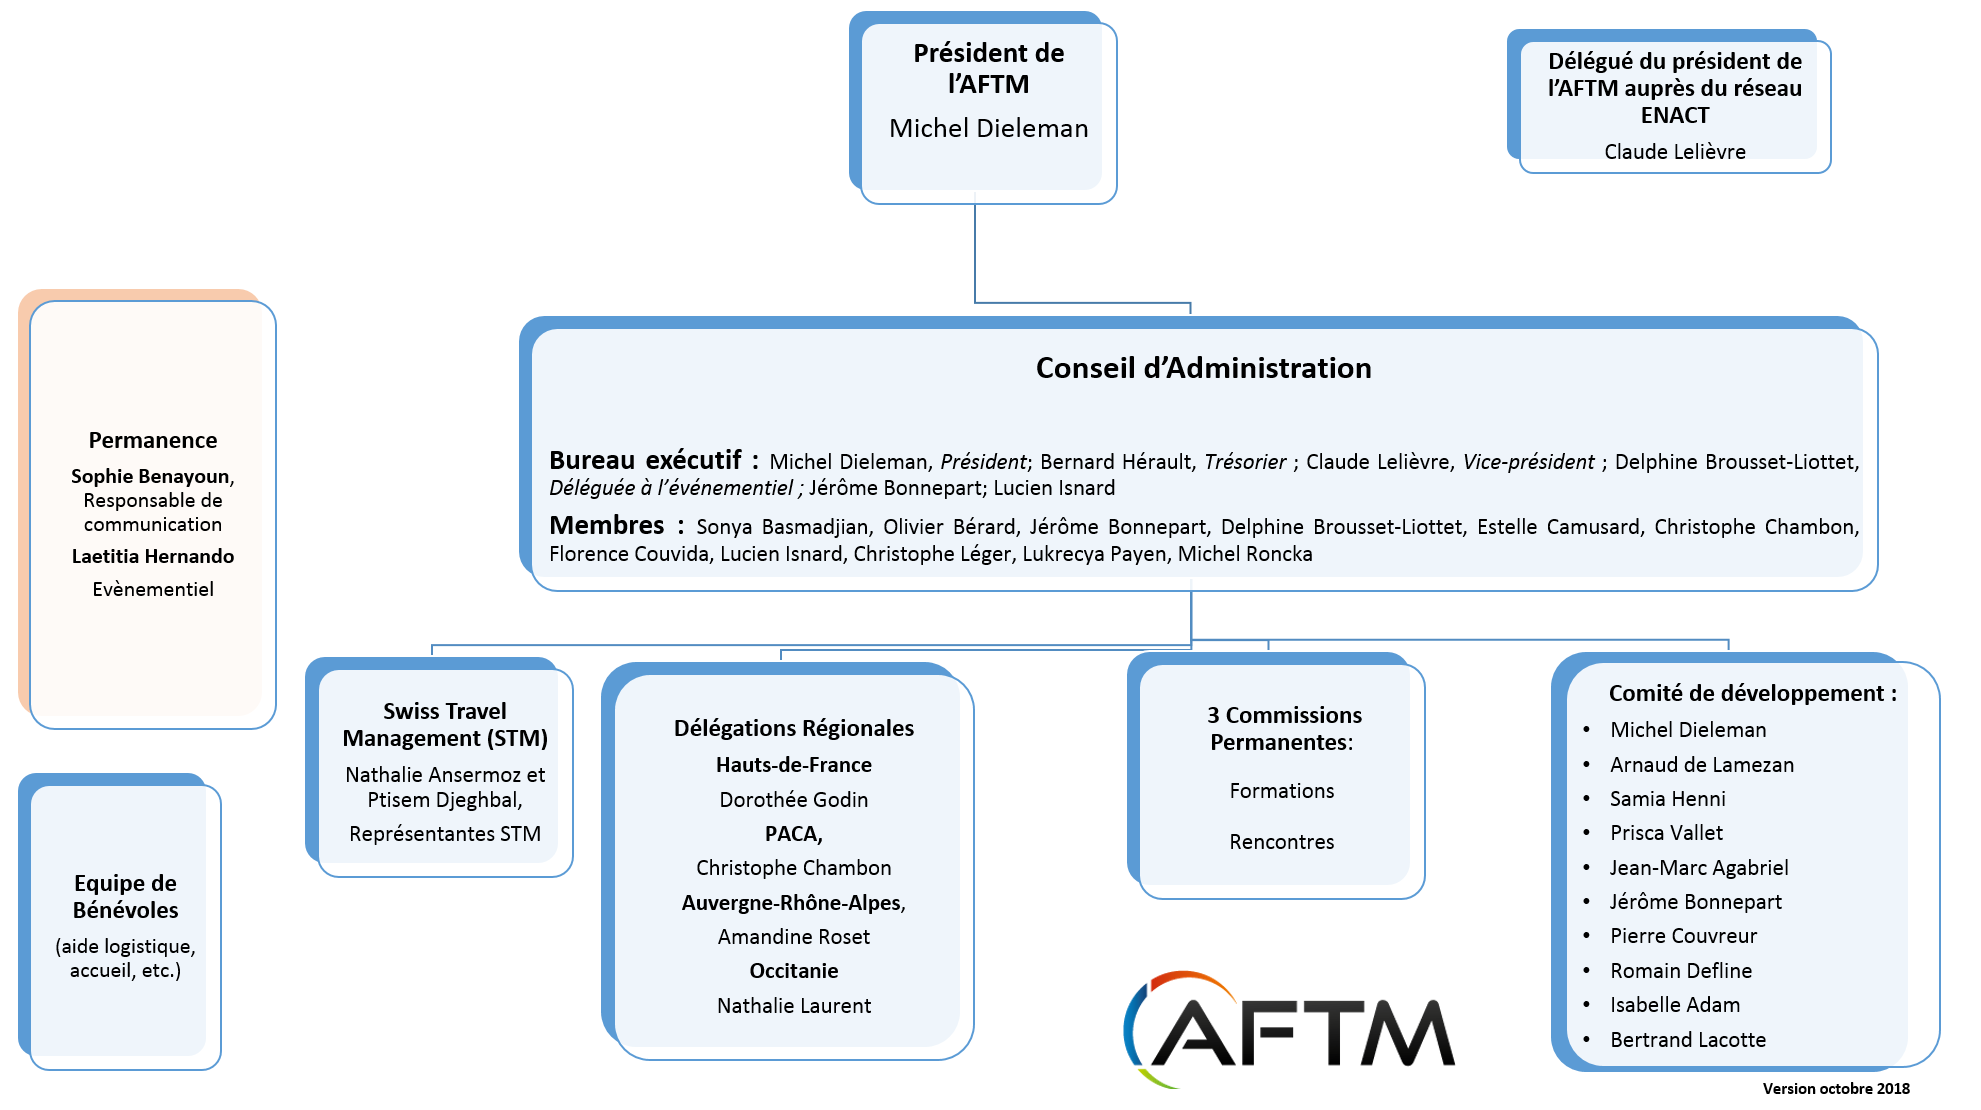 Organigramme AFTM au 291018